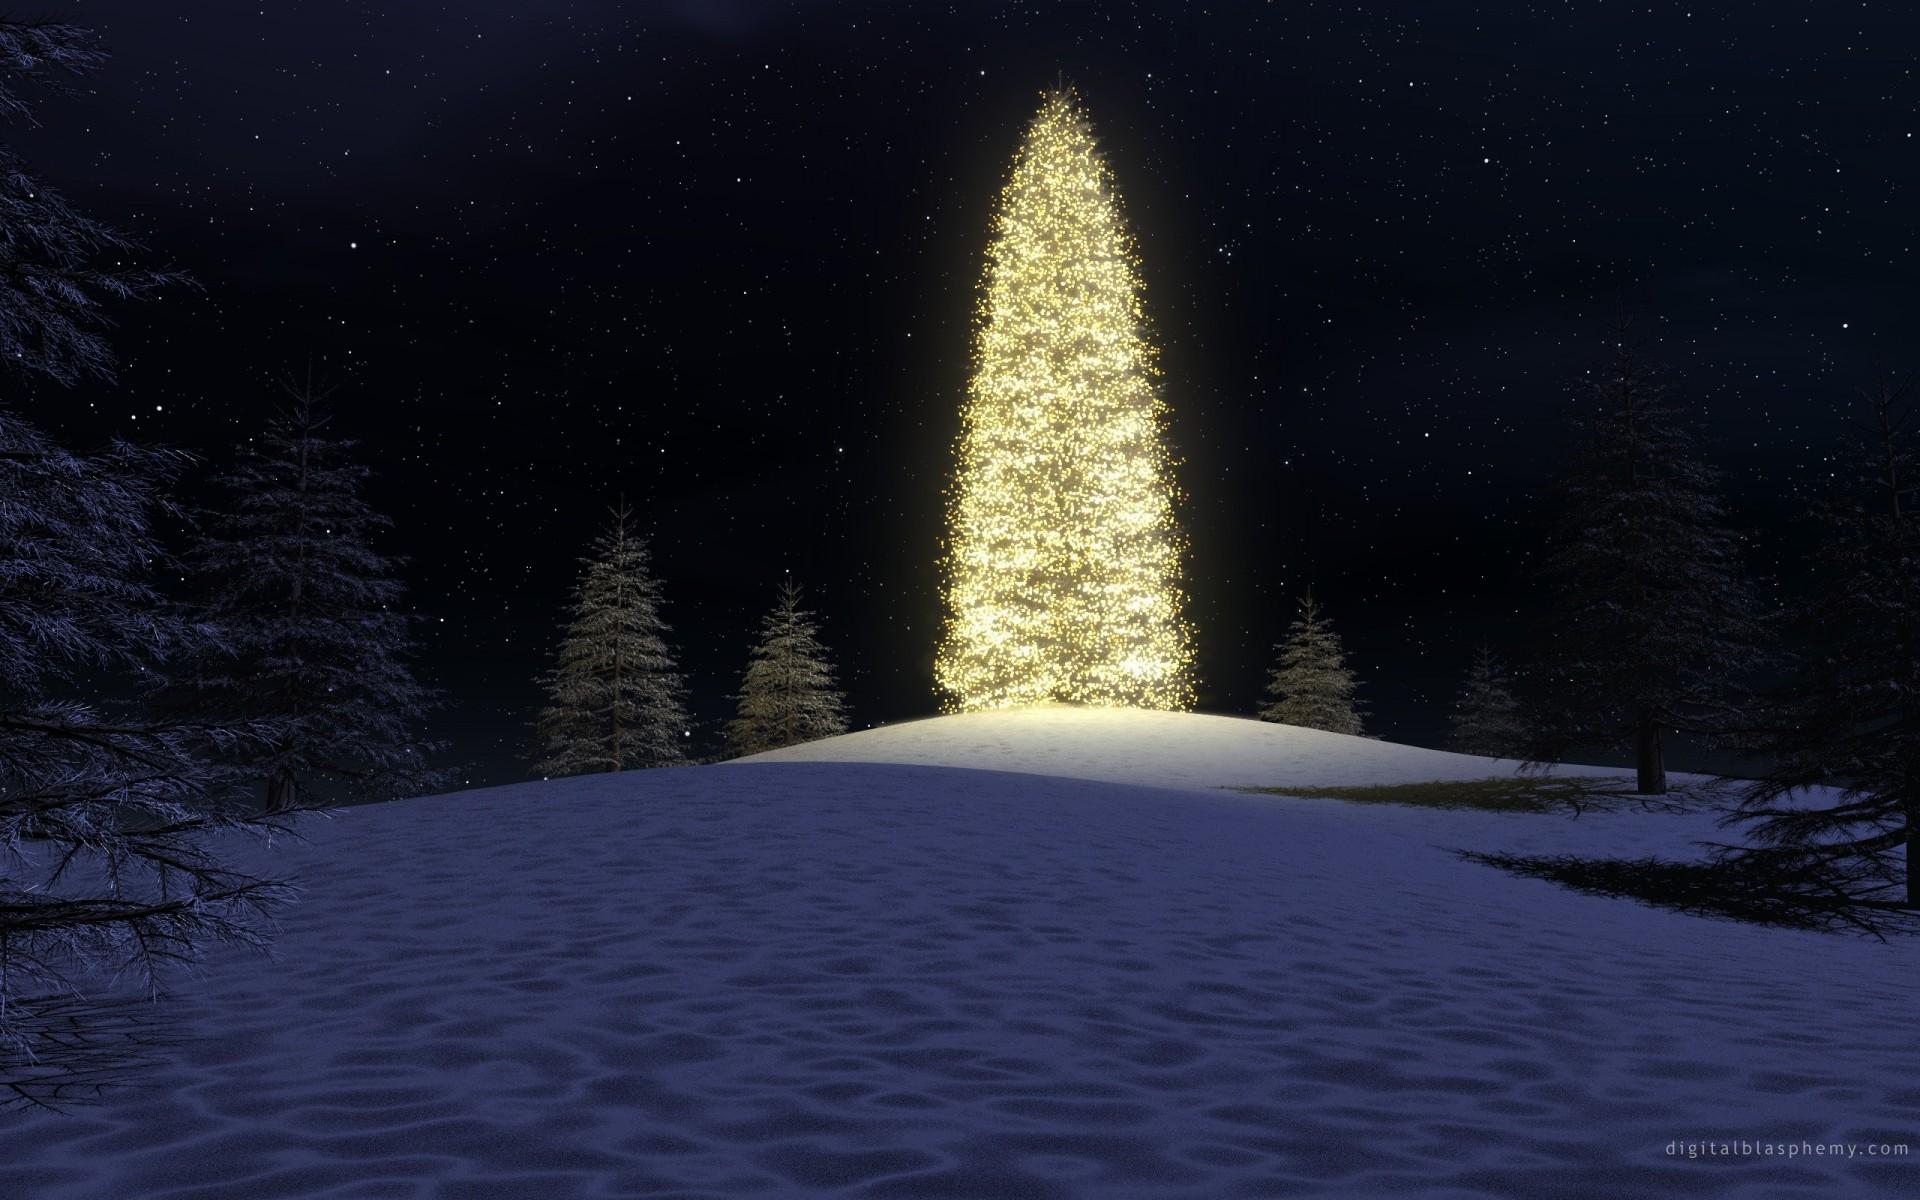 камень картинки ночь лес новый год статье ярко демонстрируют